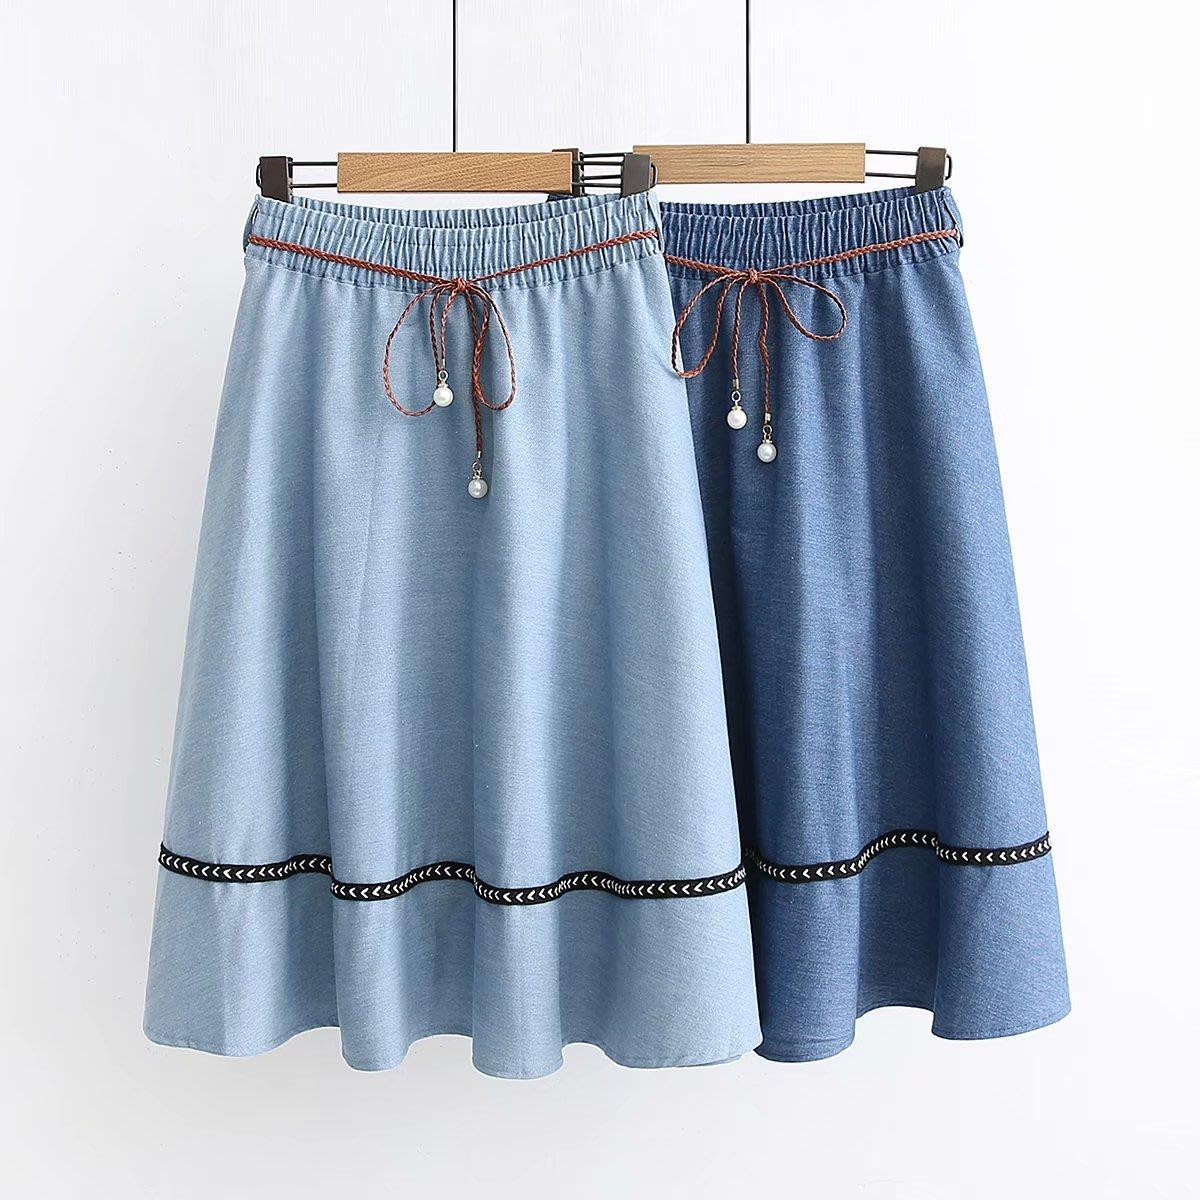 【47480】裙子  日系森女系珍珠繫帶寬鬆牛仔裙☆*藍荳荳小舖*☆(現貨+預購)